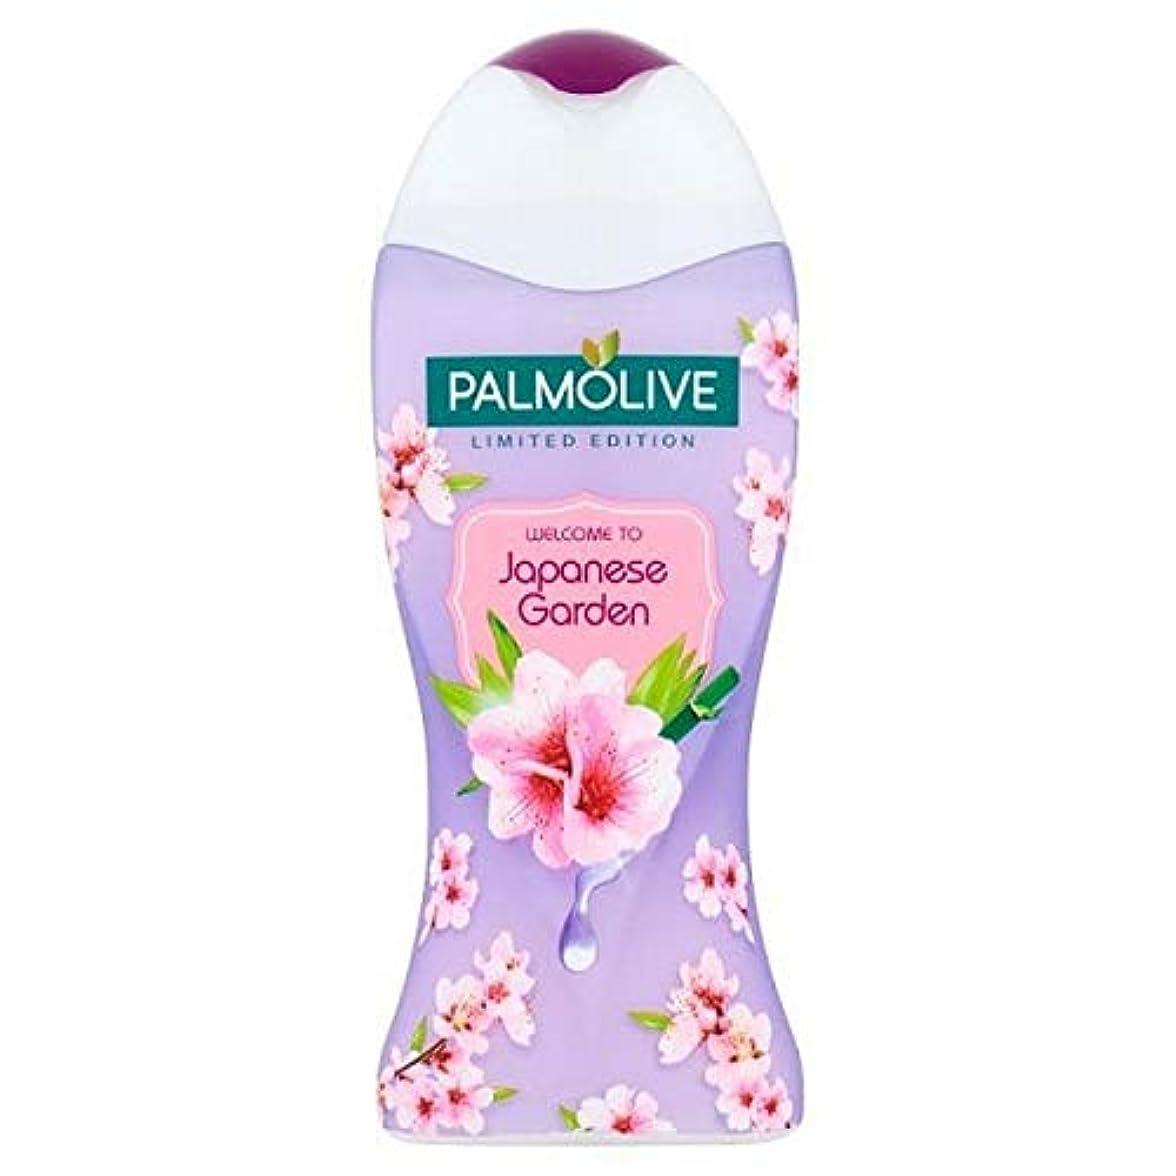 ポータブル普通の故意の[Palmolive ] パルモ日本庭園のシャワージェル250ミリリットル - Palmolive Japanese Garden Shower Gel 250ml [並行輸入品]